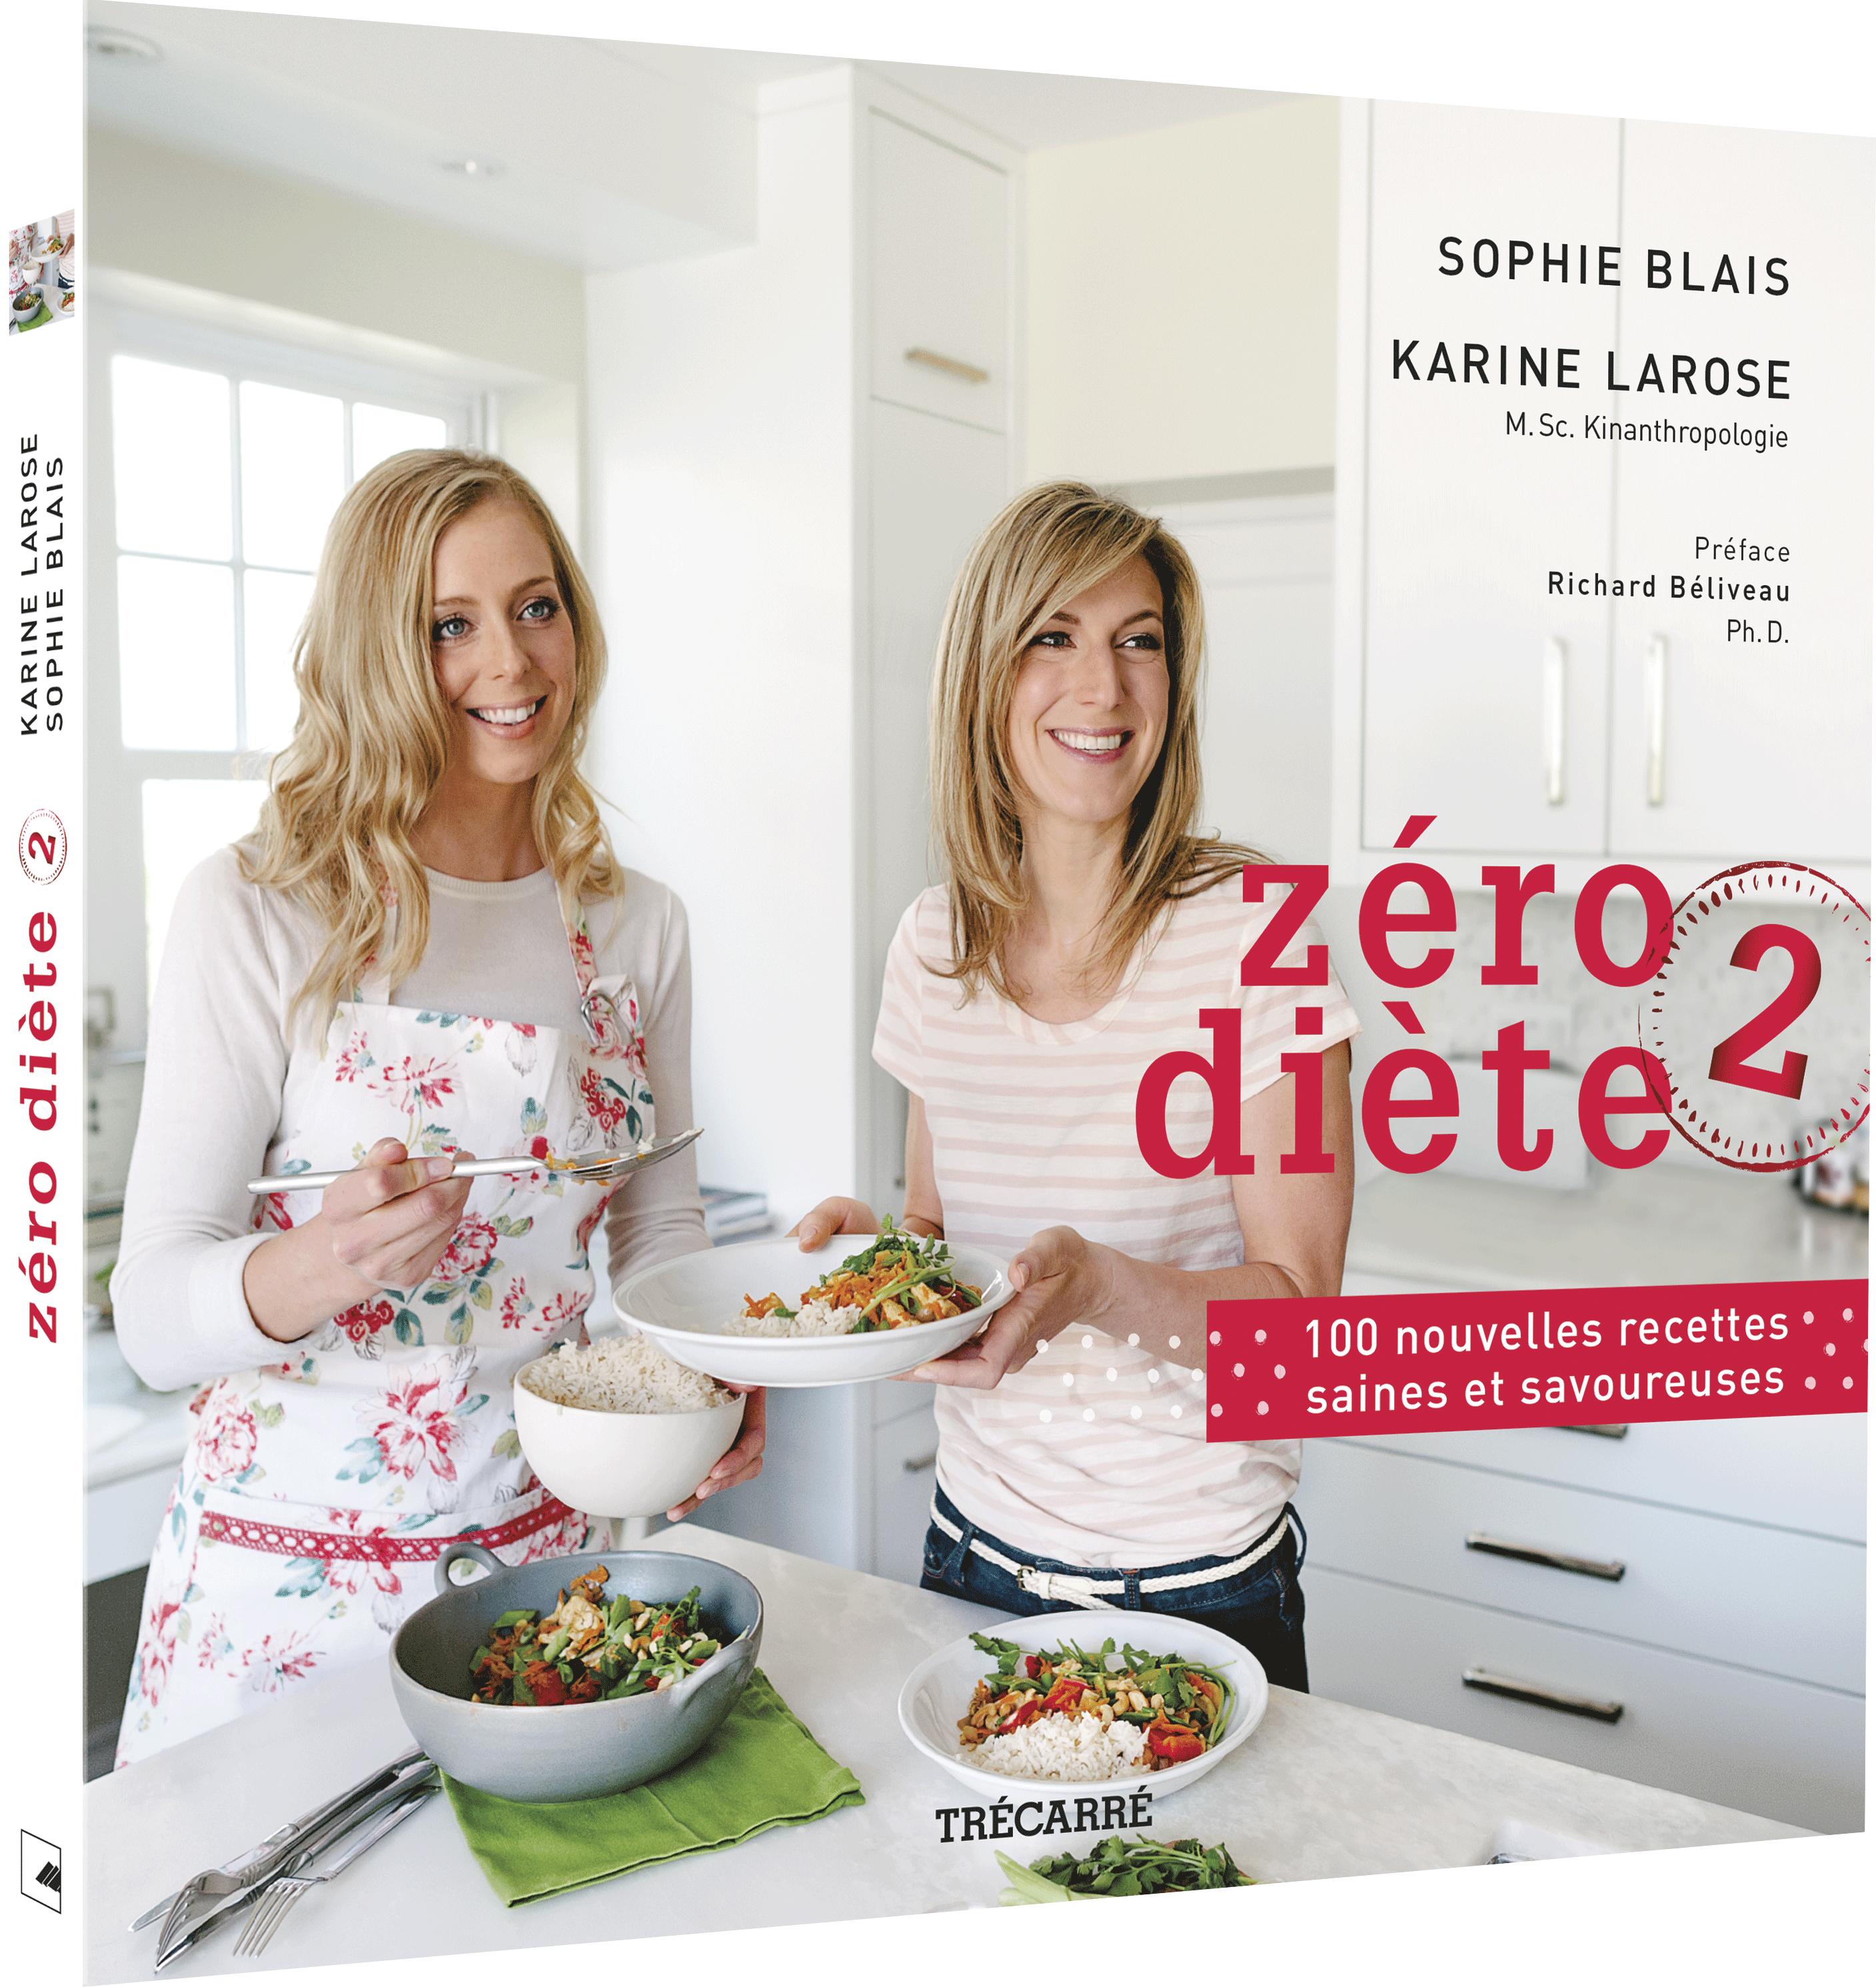 Le livre de recettes Zéro diète 2 : maintenant en vente!